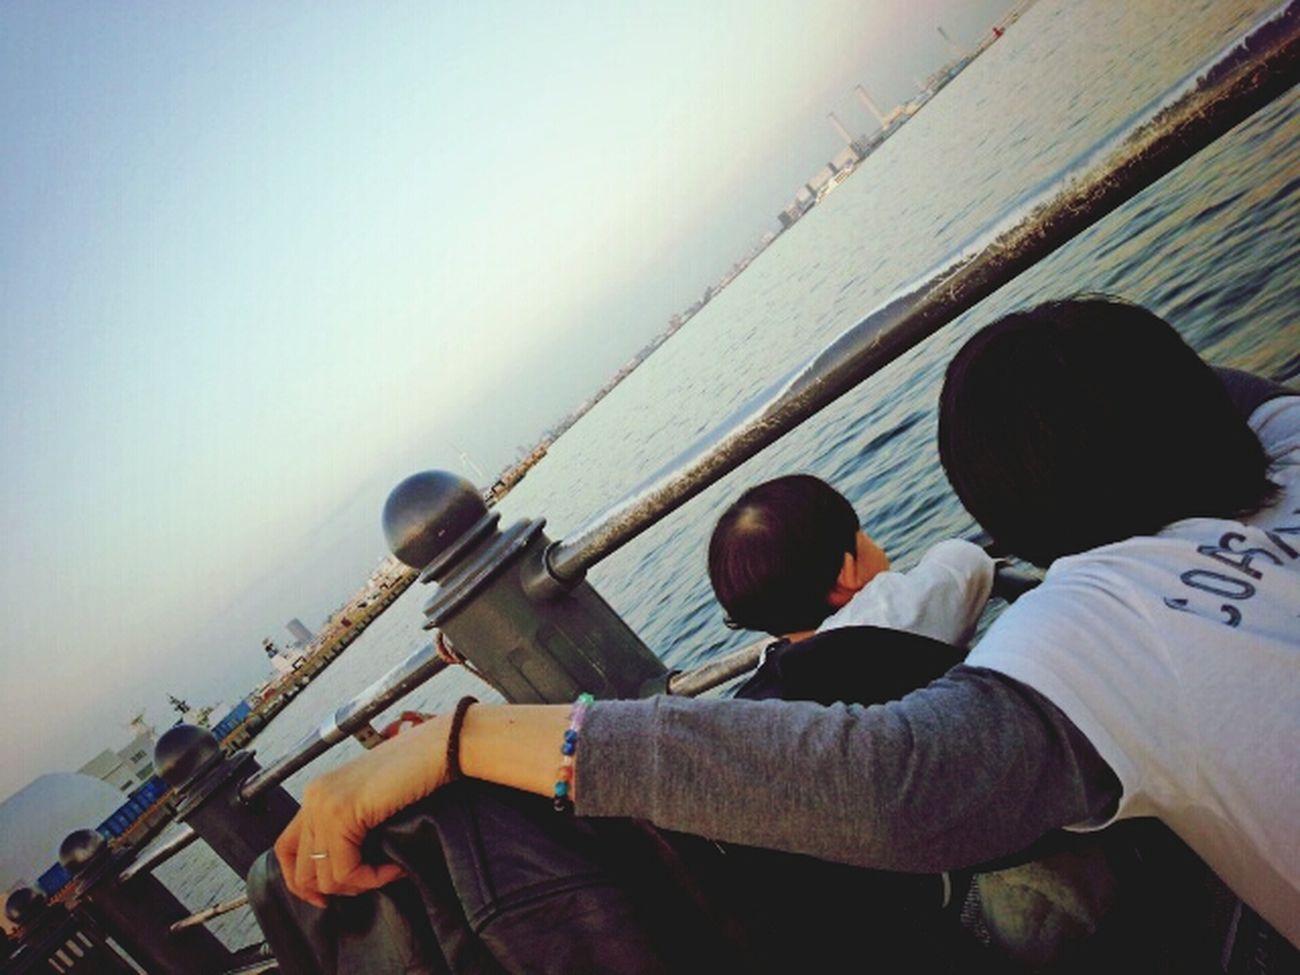 赤ちゃん パパ At Yokohama Japan 黄昏 オトコどうし、なにを語ってるのかしら?